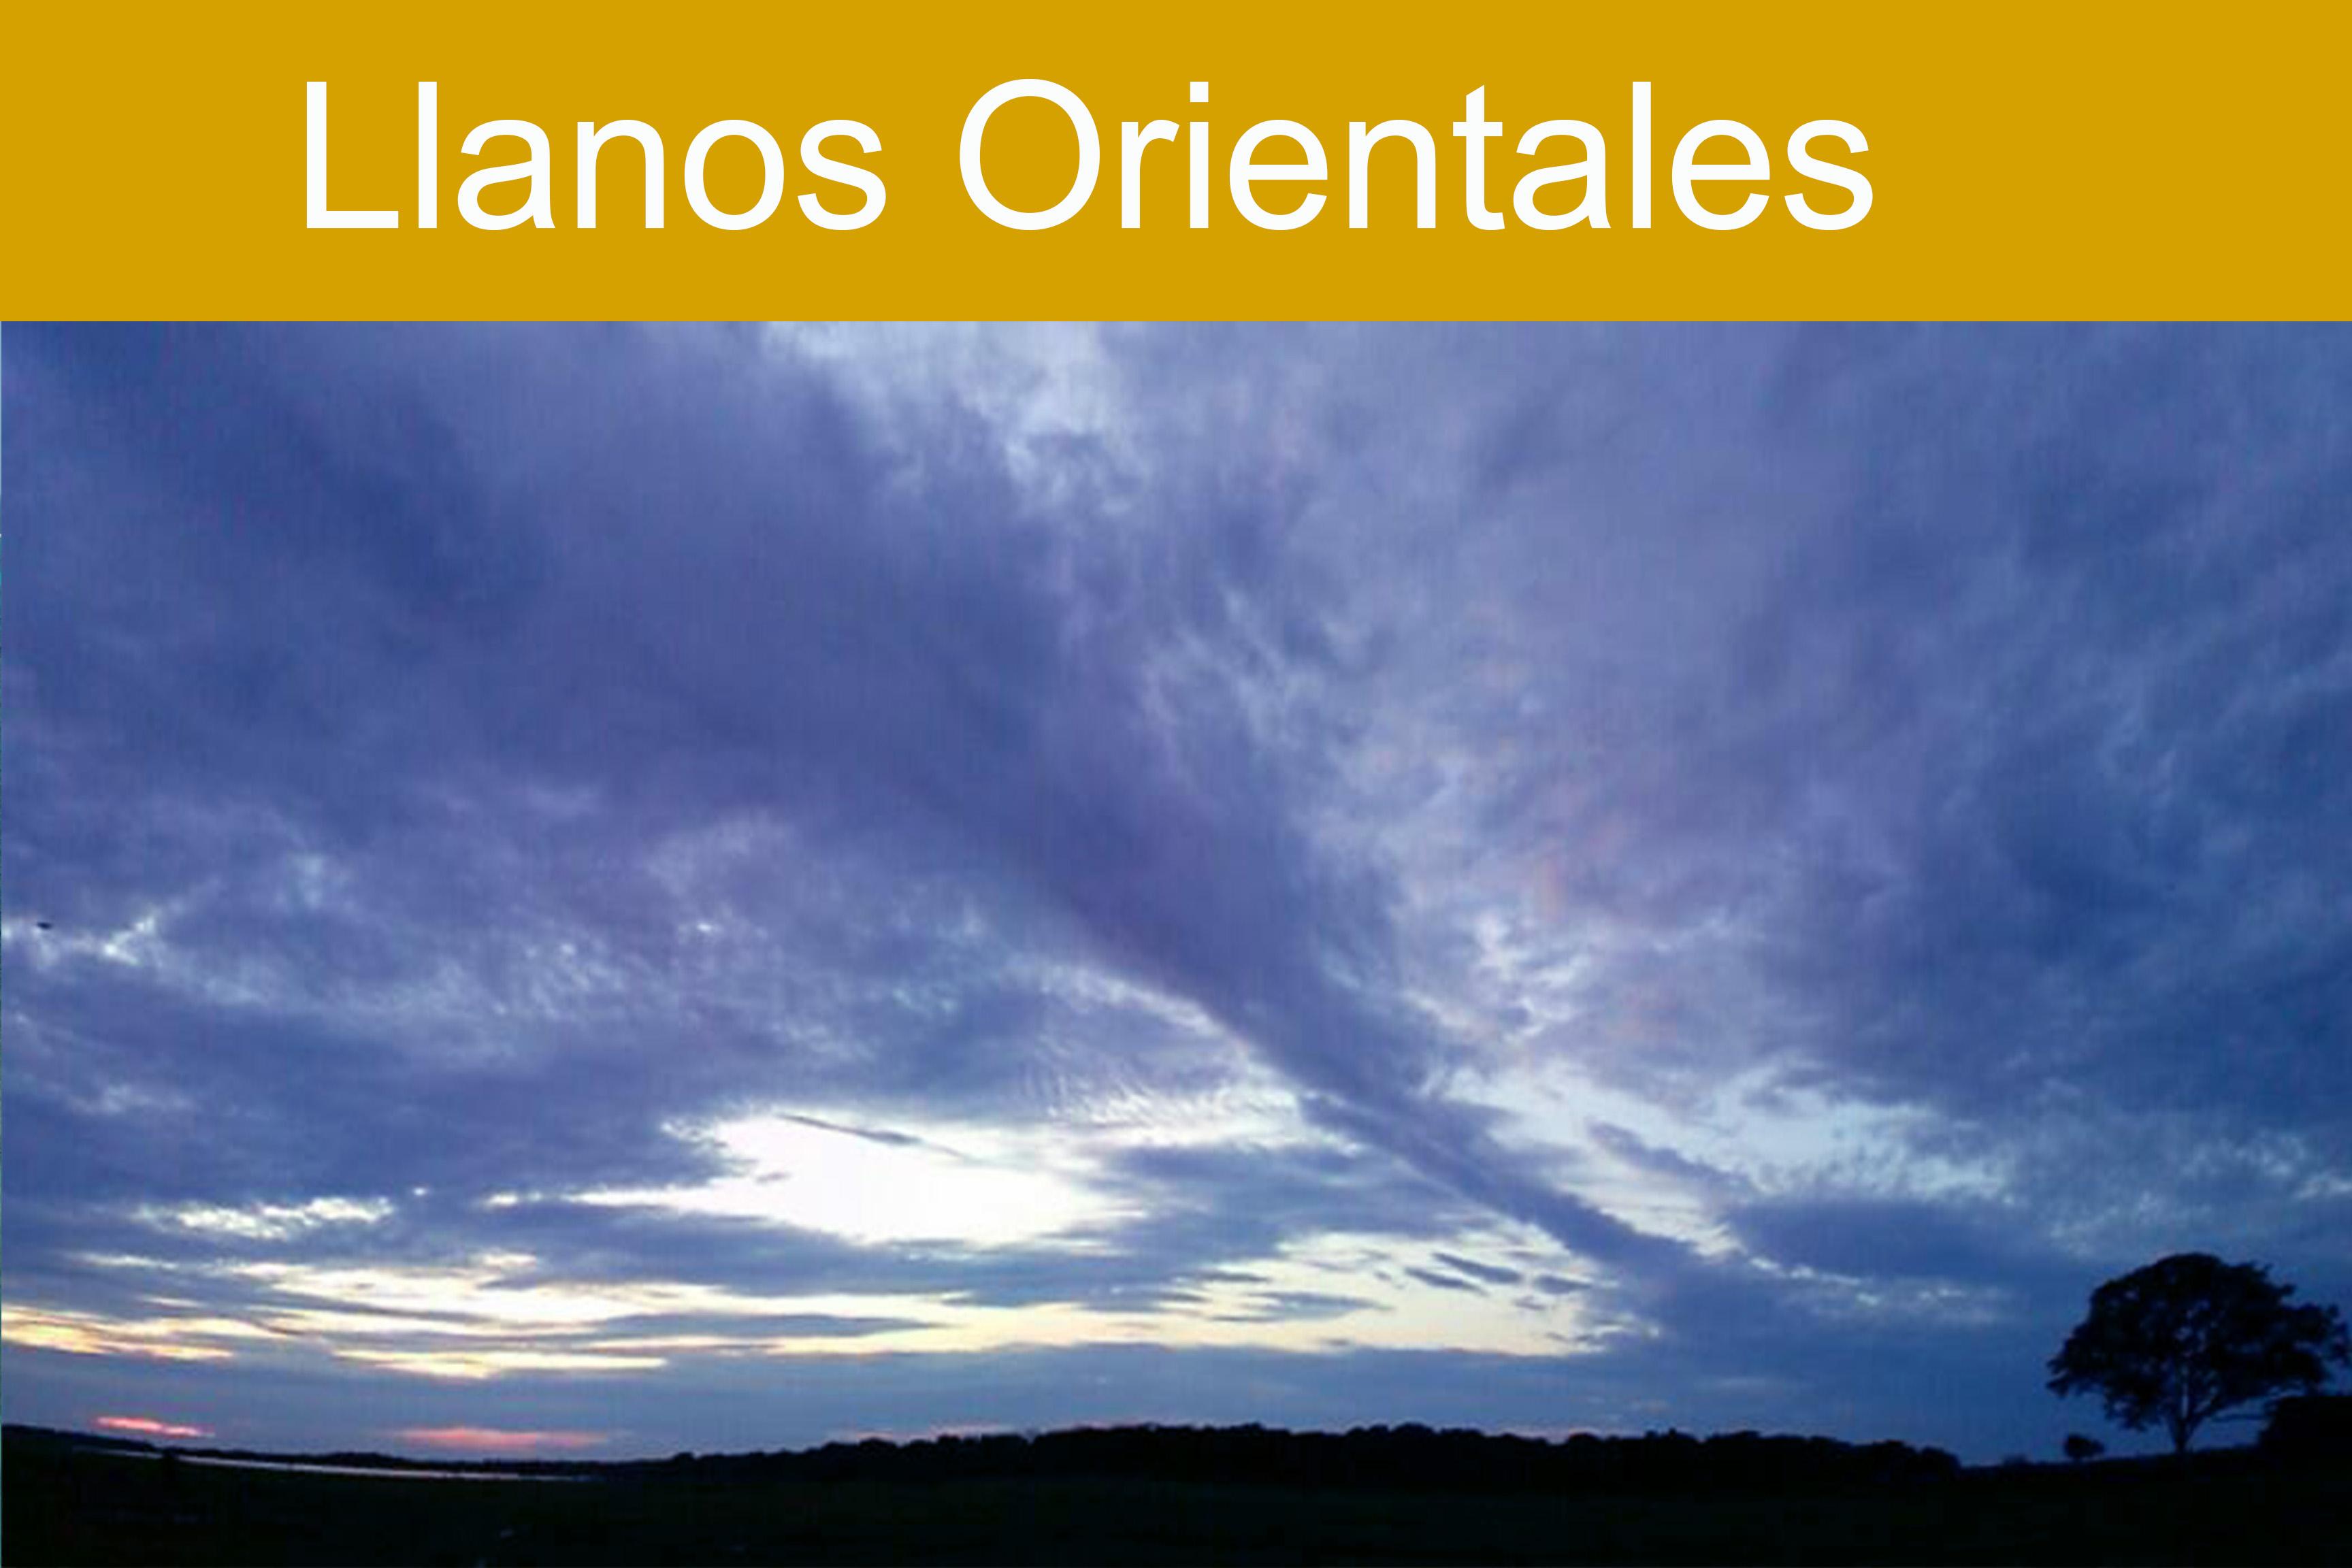 Llanos Orientales